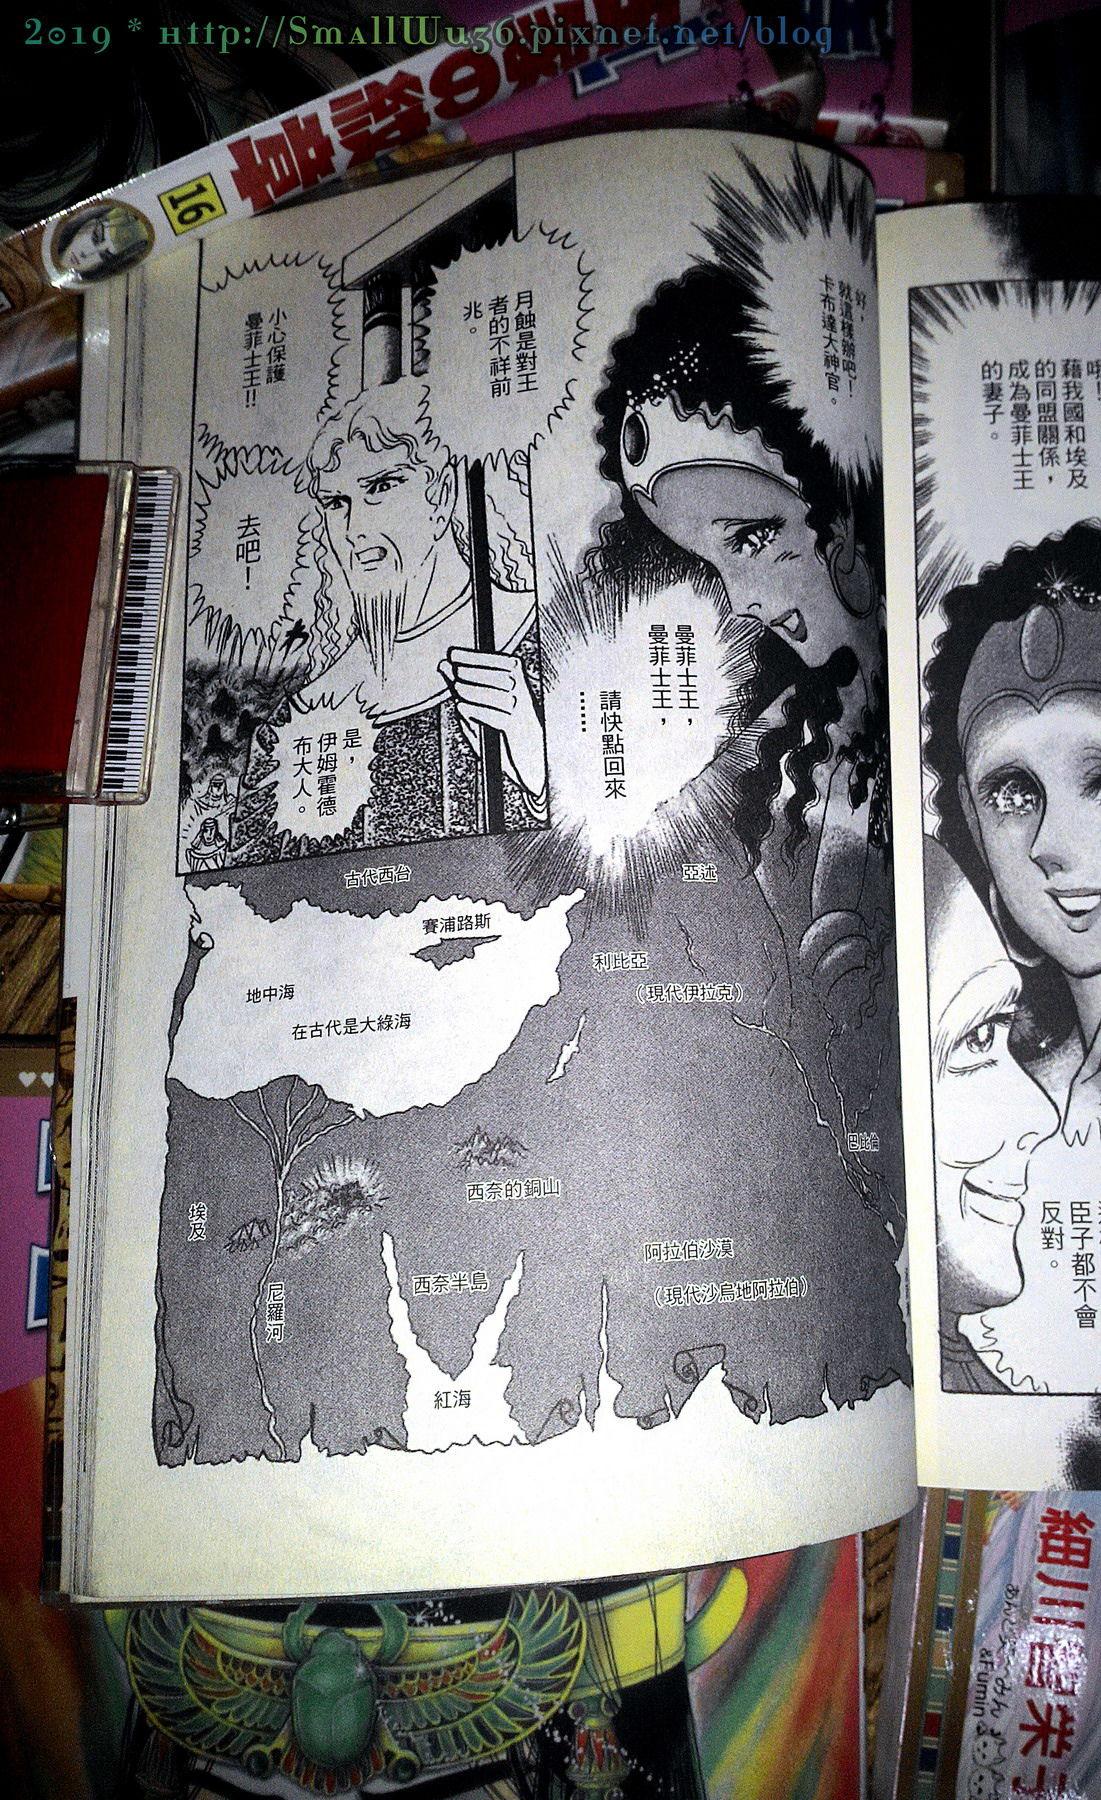 細川智榮子-王家的紋章(尼羅河女兒) 4-24 (長鴻)  vol_15.jpg